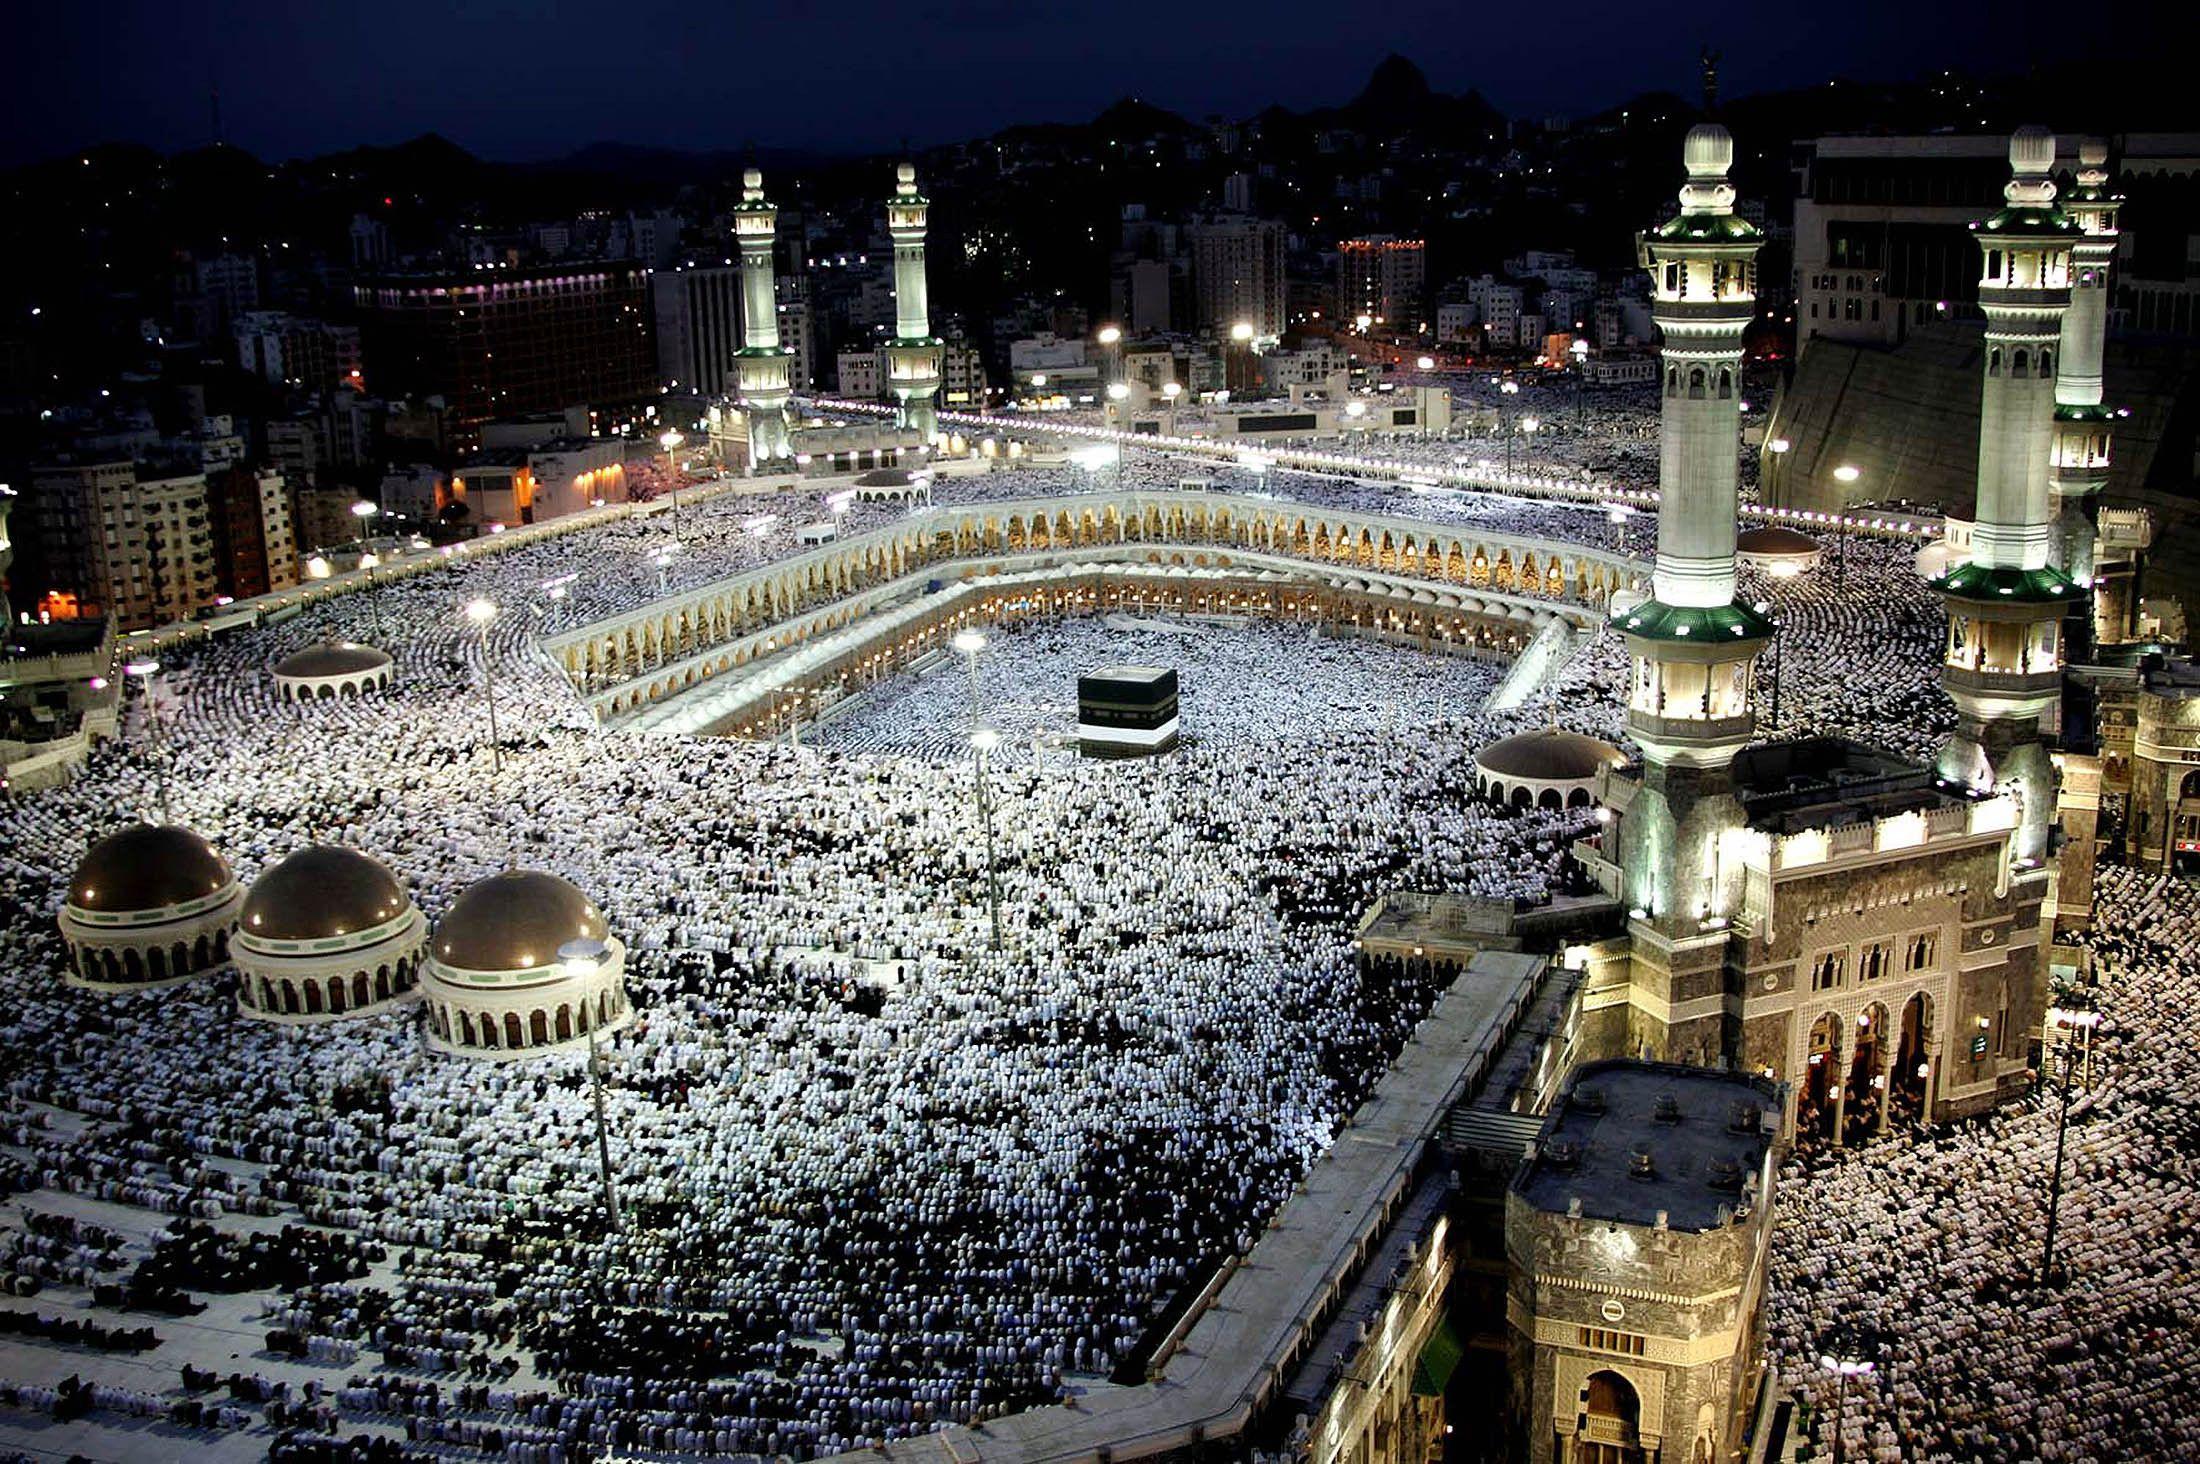 Iran Boycotts Hajj Pilgrimage Amid Discord With Saudi Arabia Hajj Pilgrimage Pilgrimage To Mecca Pilgrimage